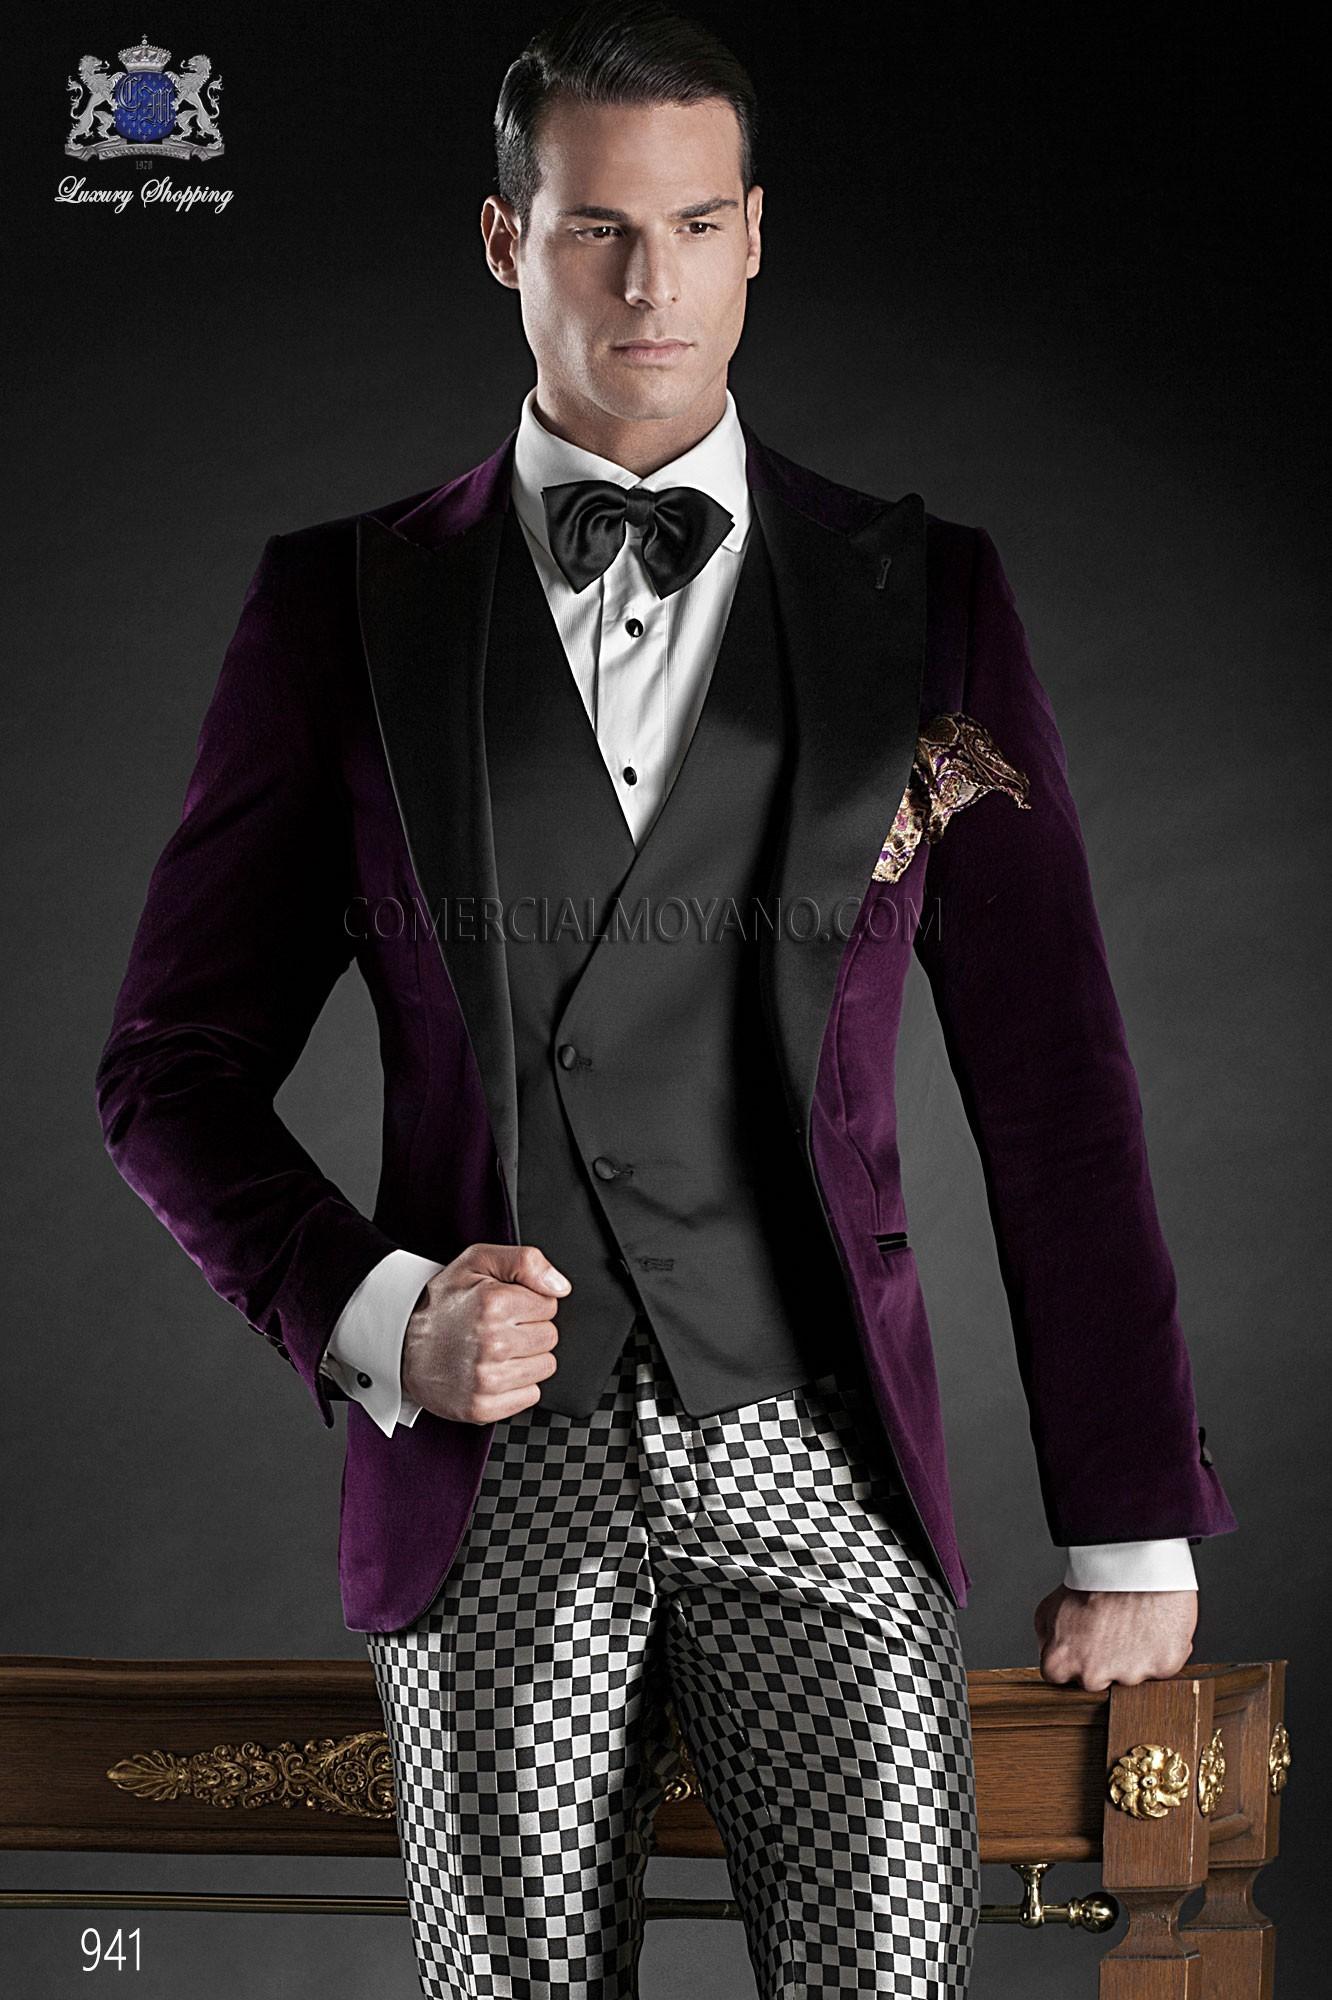 Traje de fiesta hombre morado modelo: 941 Ottavio Nuccio Gala colección Black Tie 2017